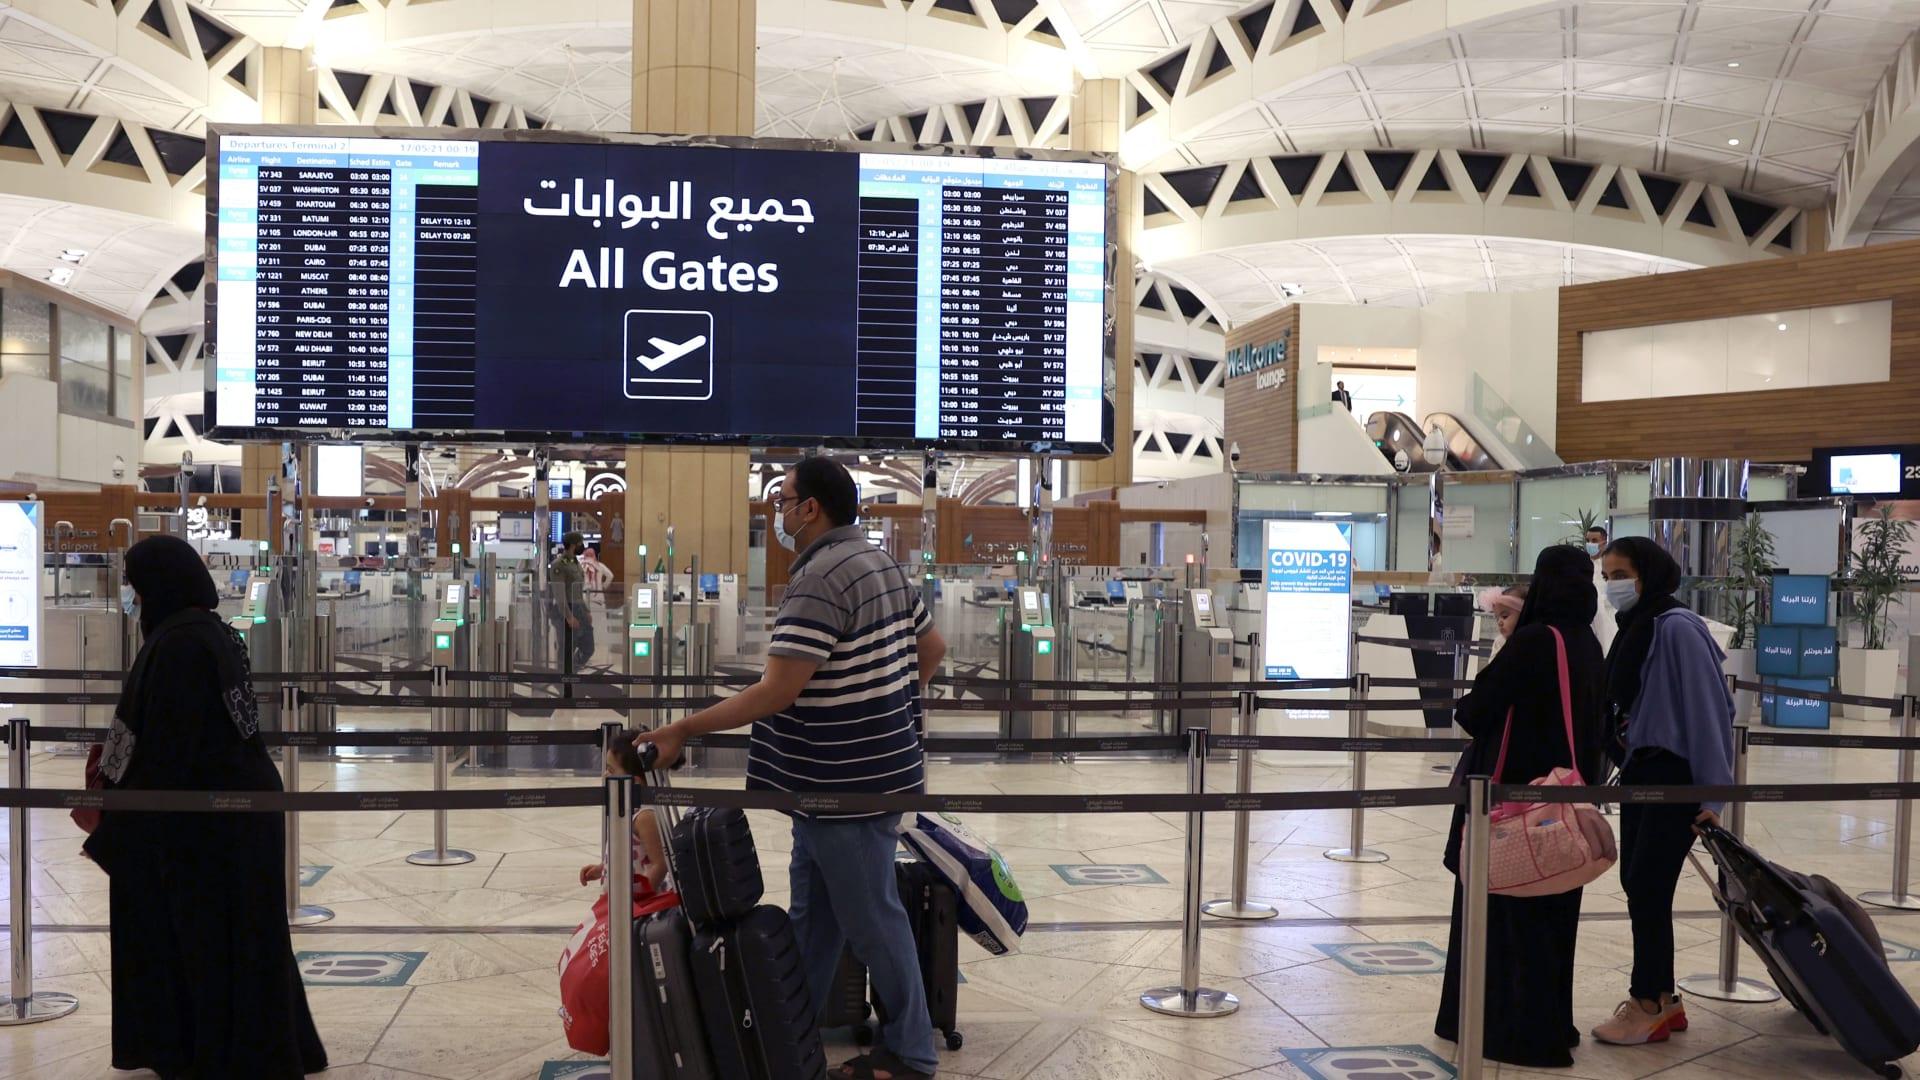 وصول مسافرين سعوديين إلى مطار الملك خالد الدولي في العاصمة الرياض في 17 مايو 2021